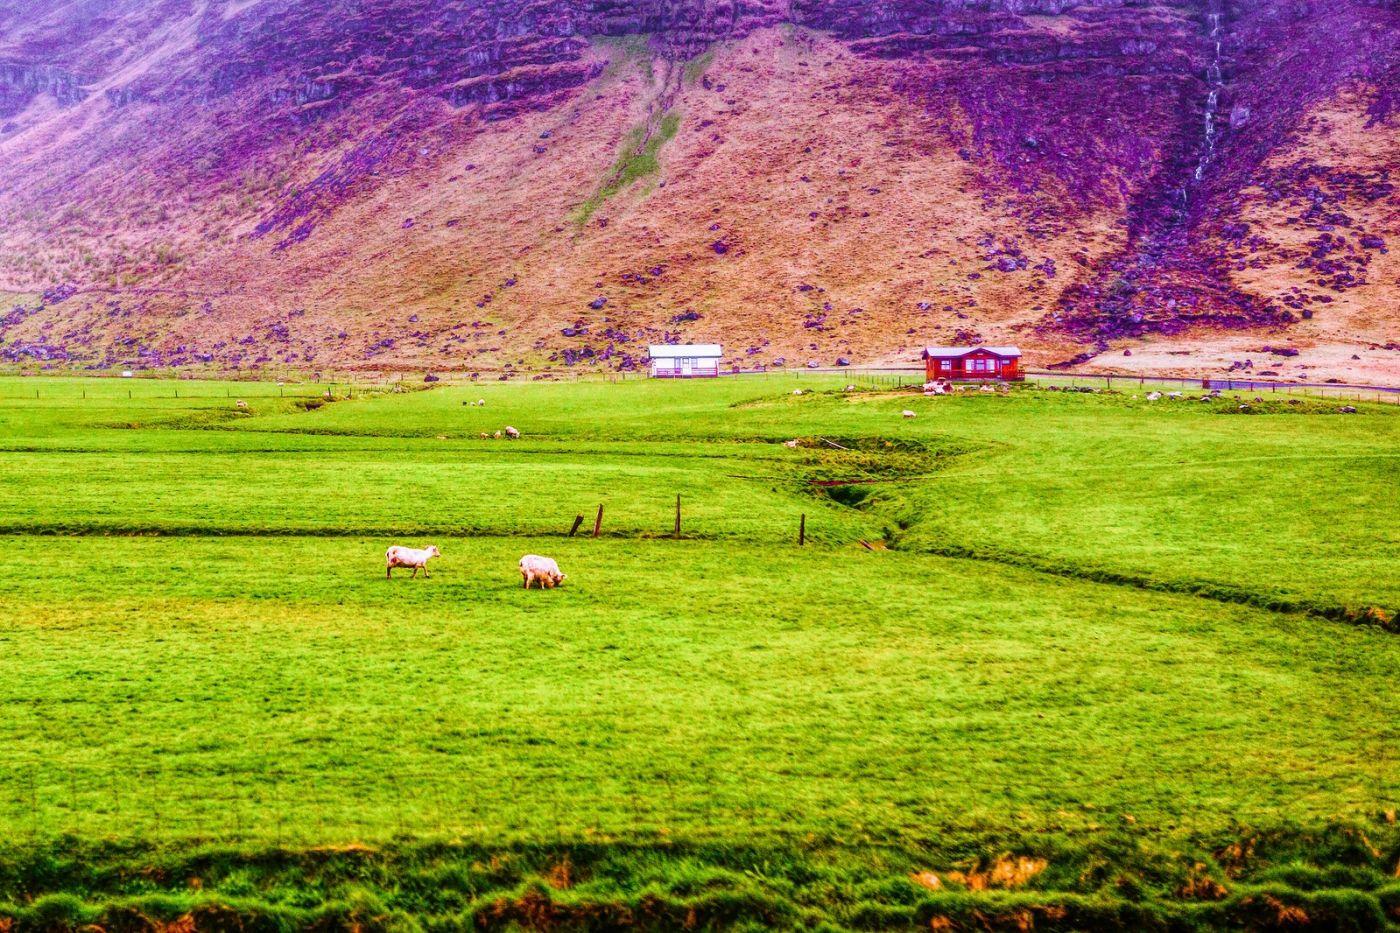 冰岛风采,大山民舍羊群_图1-9